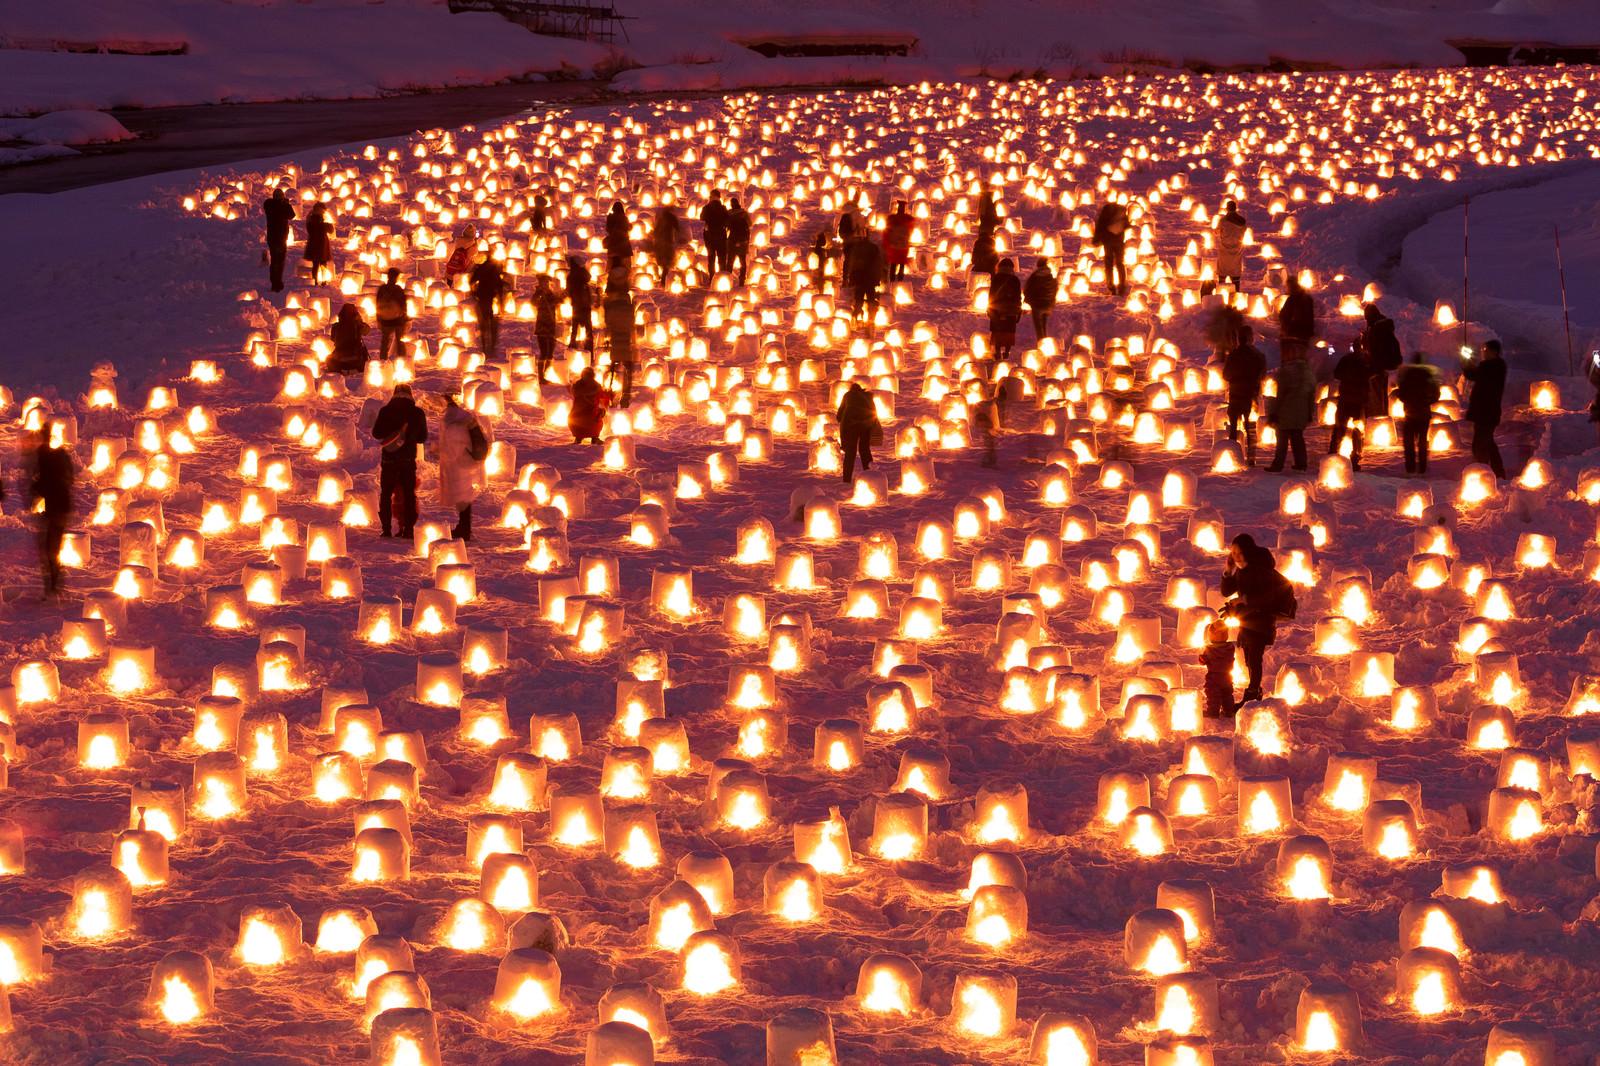 「横手かまくら祭り(秋田県横手市)」の写真